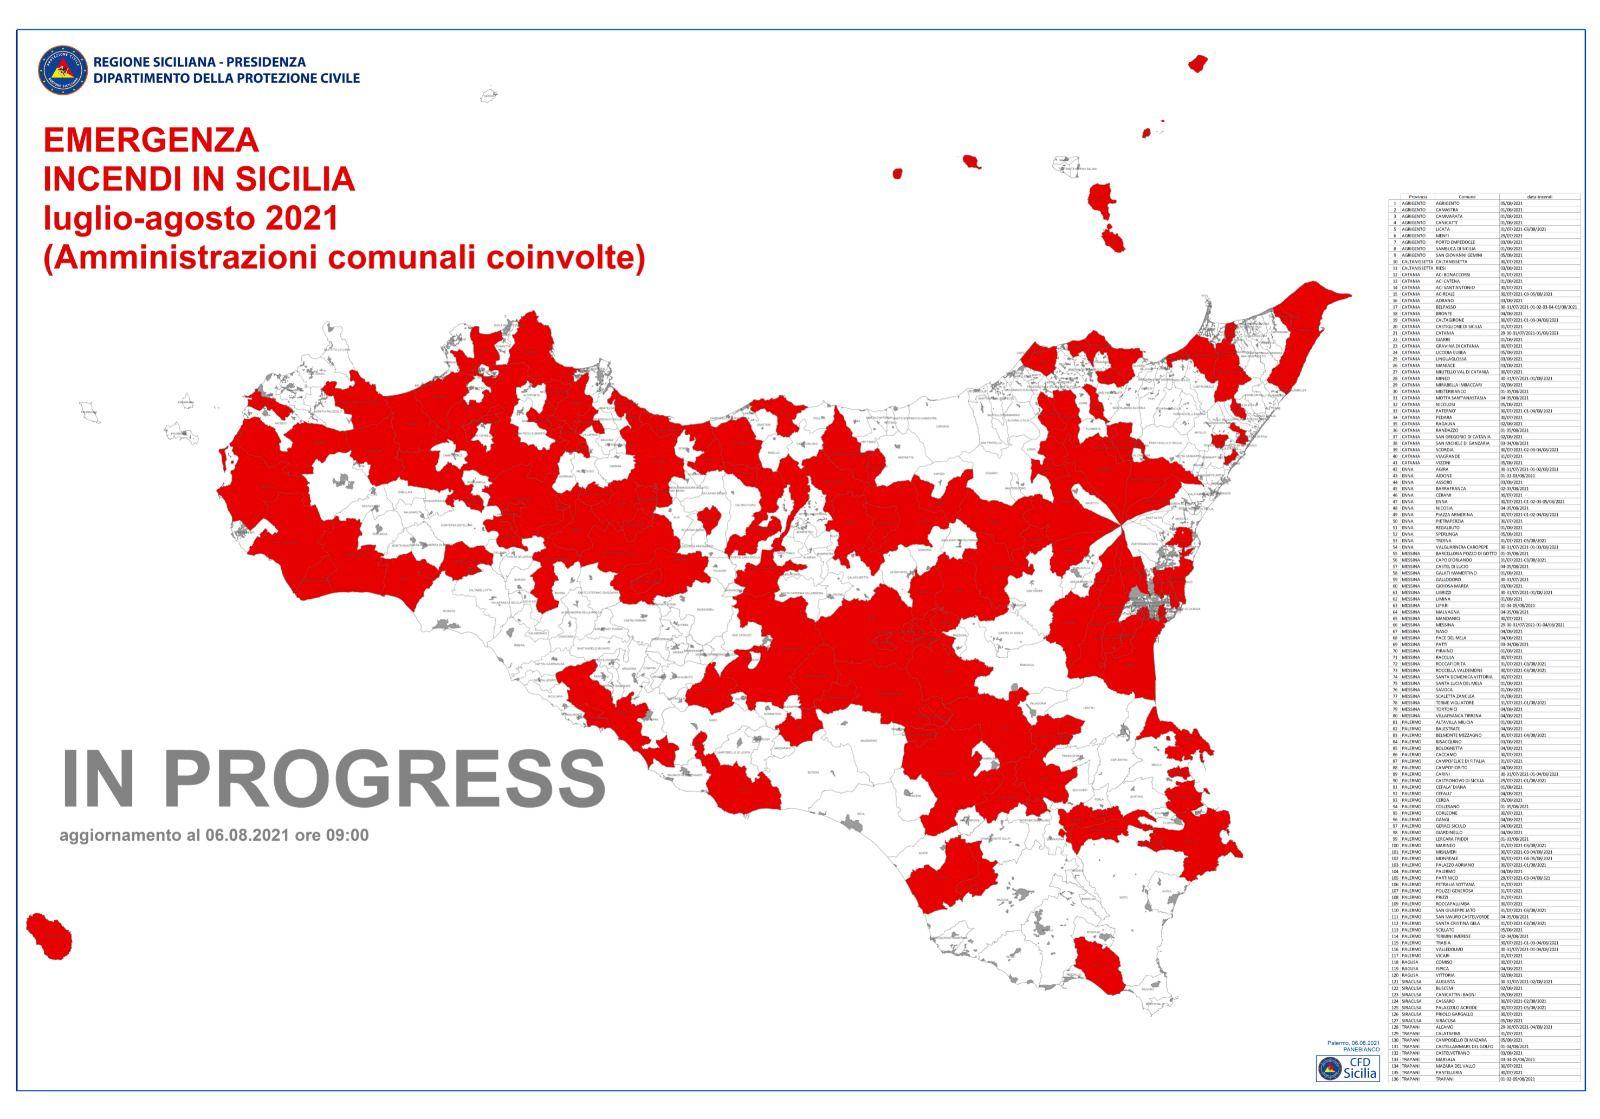 Emergenza in Sicilia: proroga permanenza squadre di volontari nazionali fino al 17 agosto. Aggiornamento Incendi